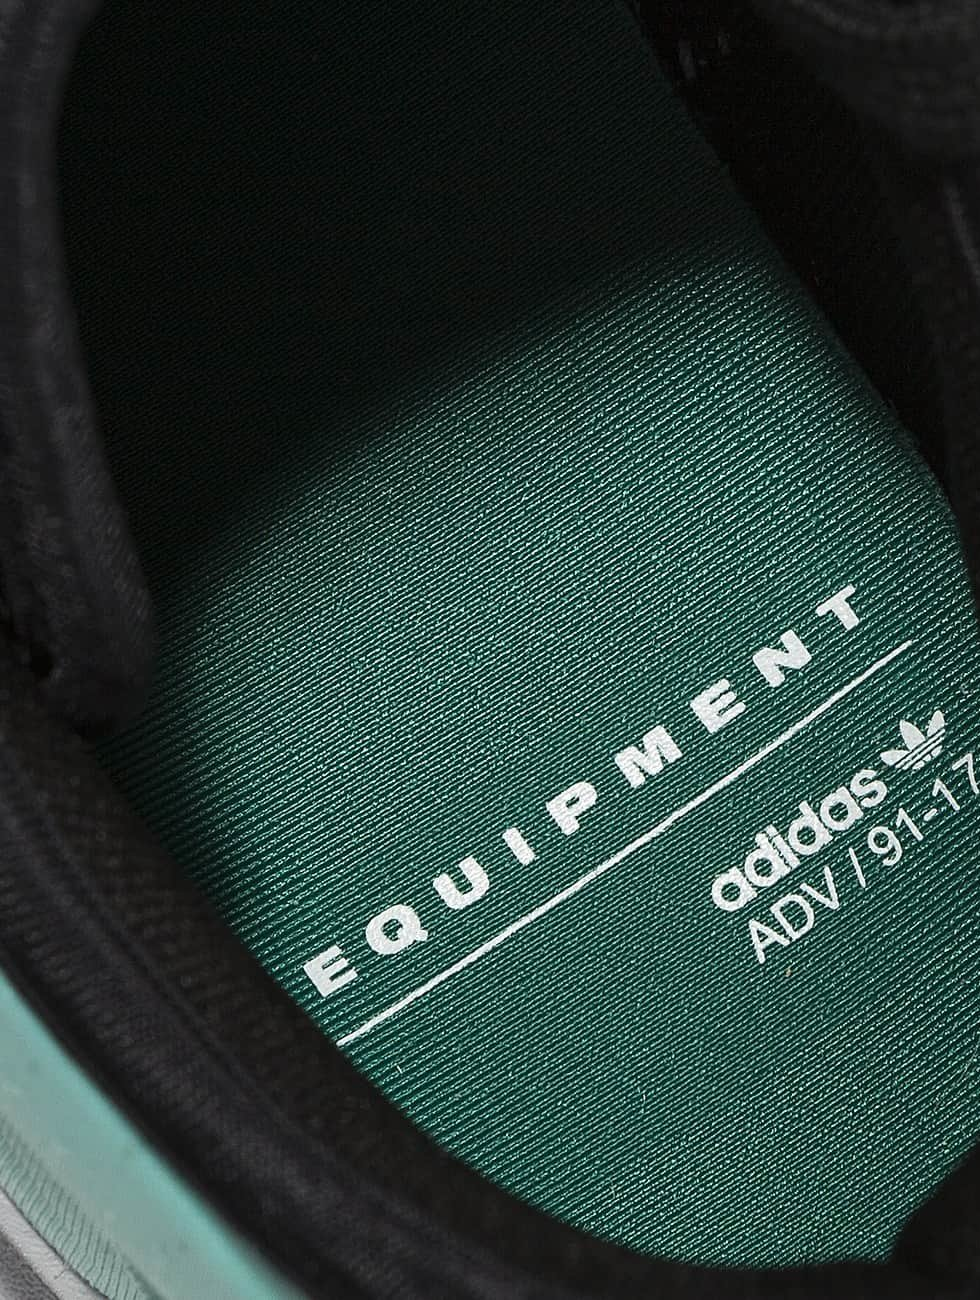 Goedkope Koop Populair adidas originals schoen / sneaker Equipment Racing ADV W in zwart 368559 Discount Websites Groothandelsprijs Online Fake Online Te Koop fIFrS